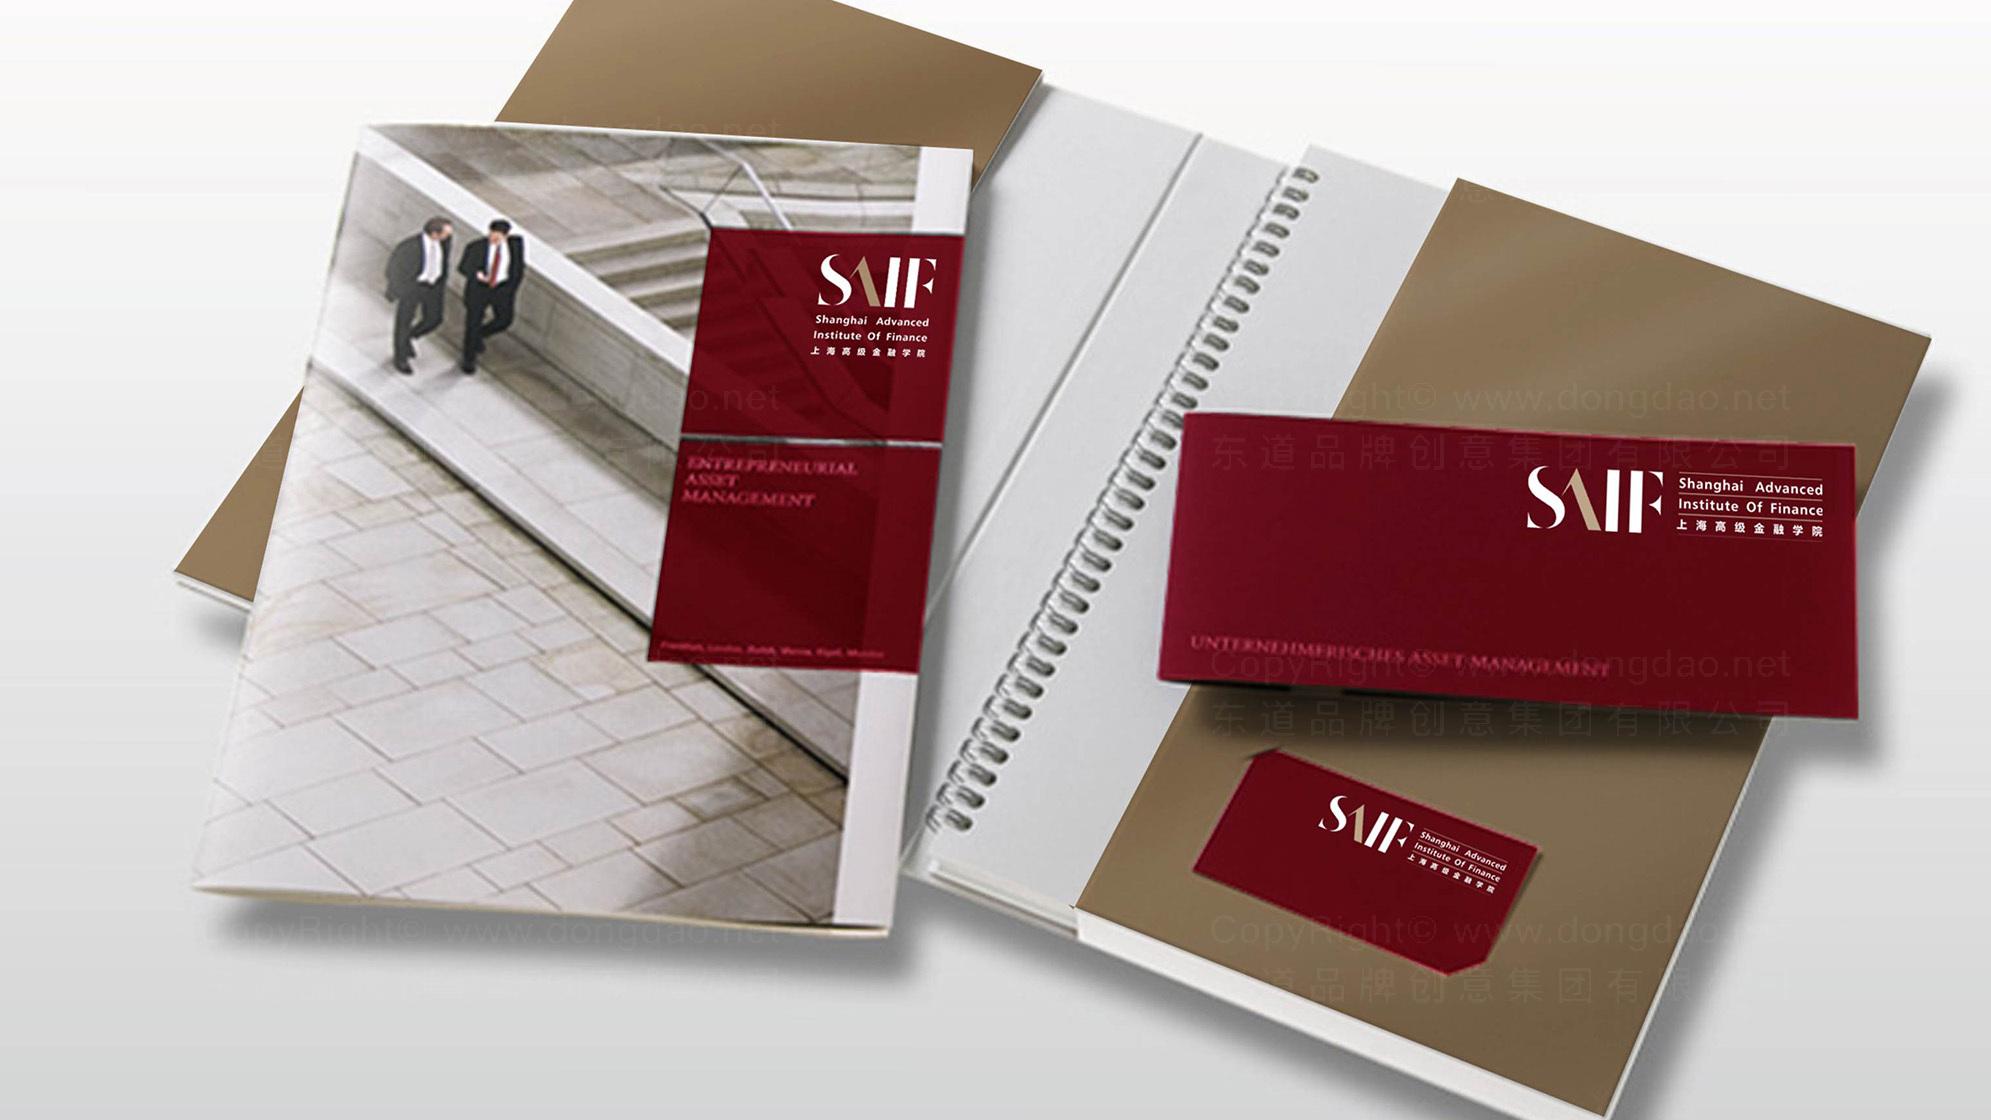 品牌设计上海高级金融学院logo设计、vi设计应用场景_6